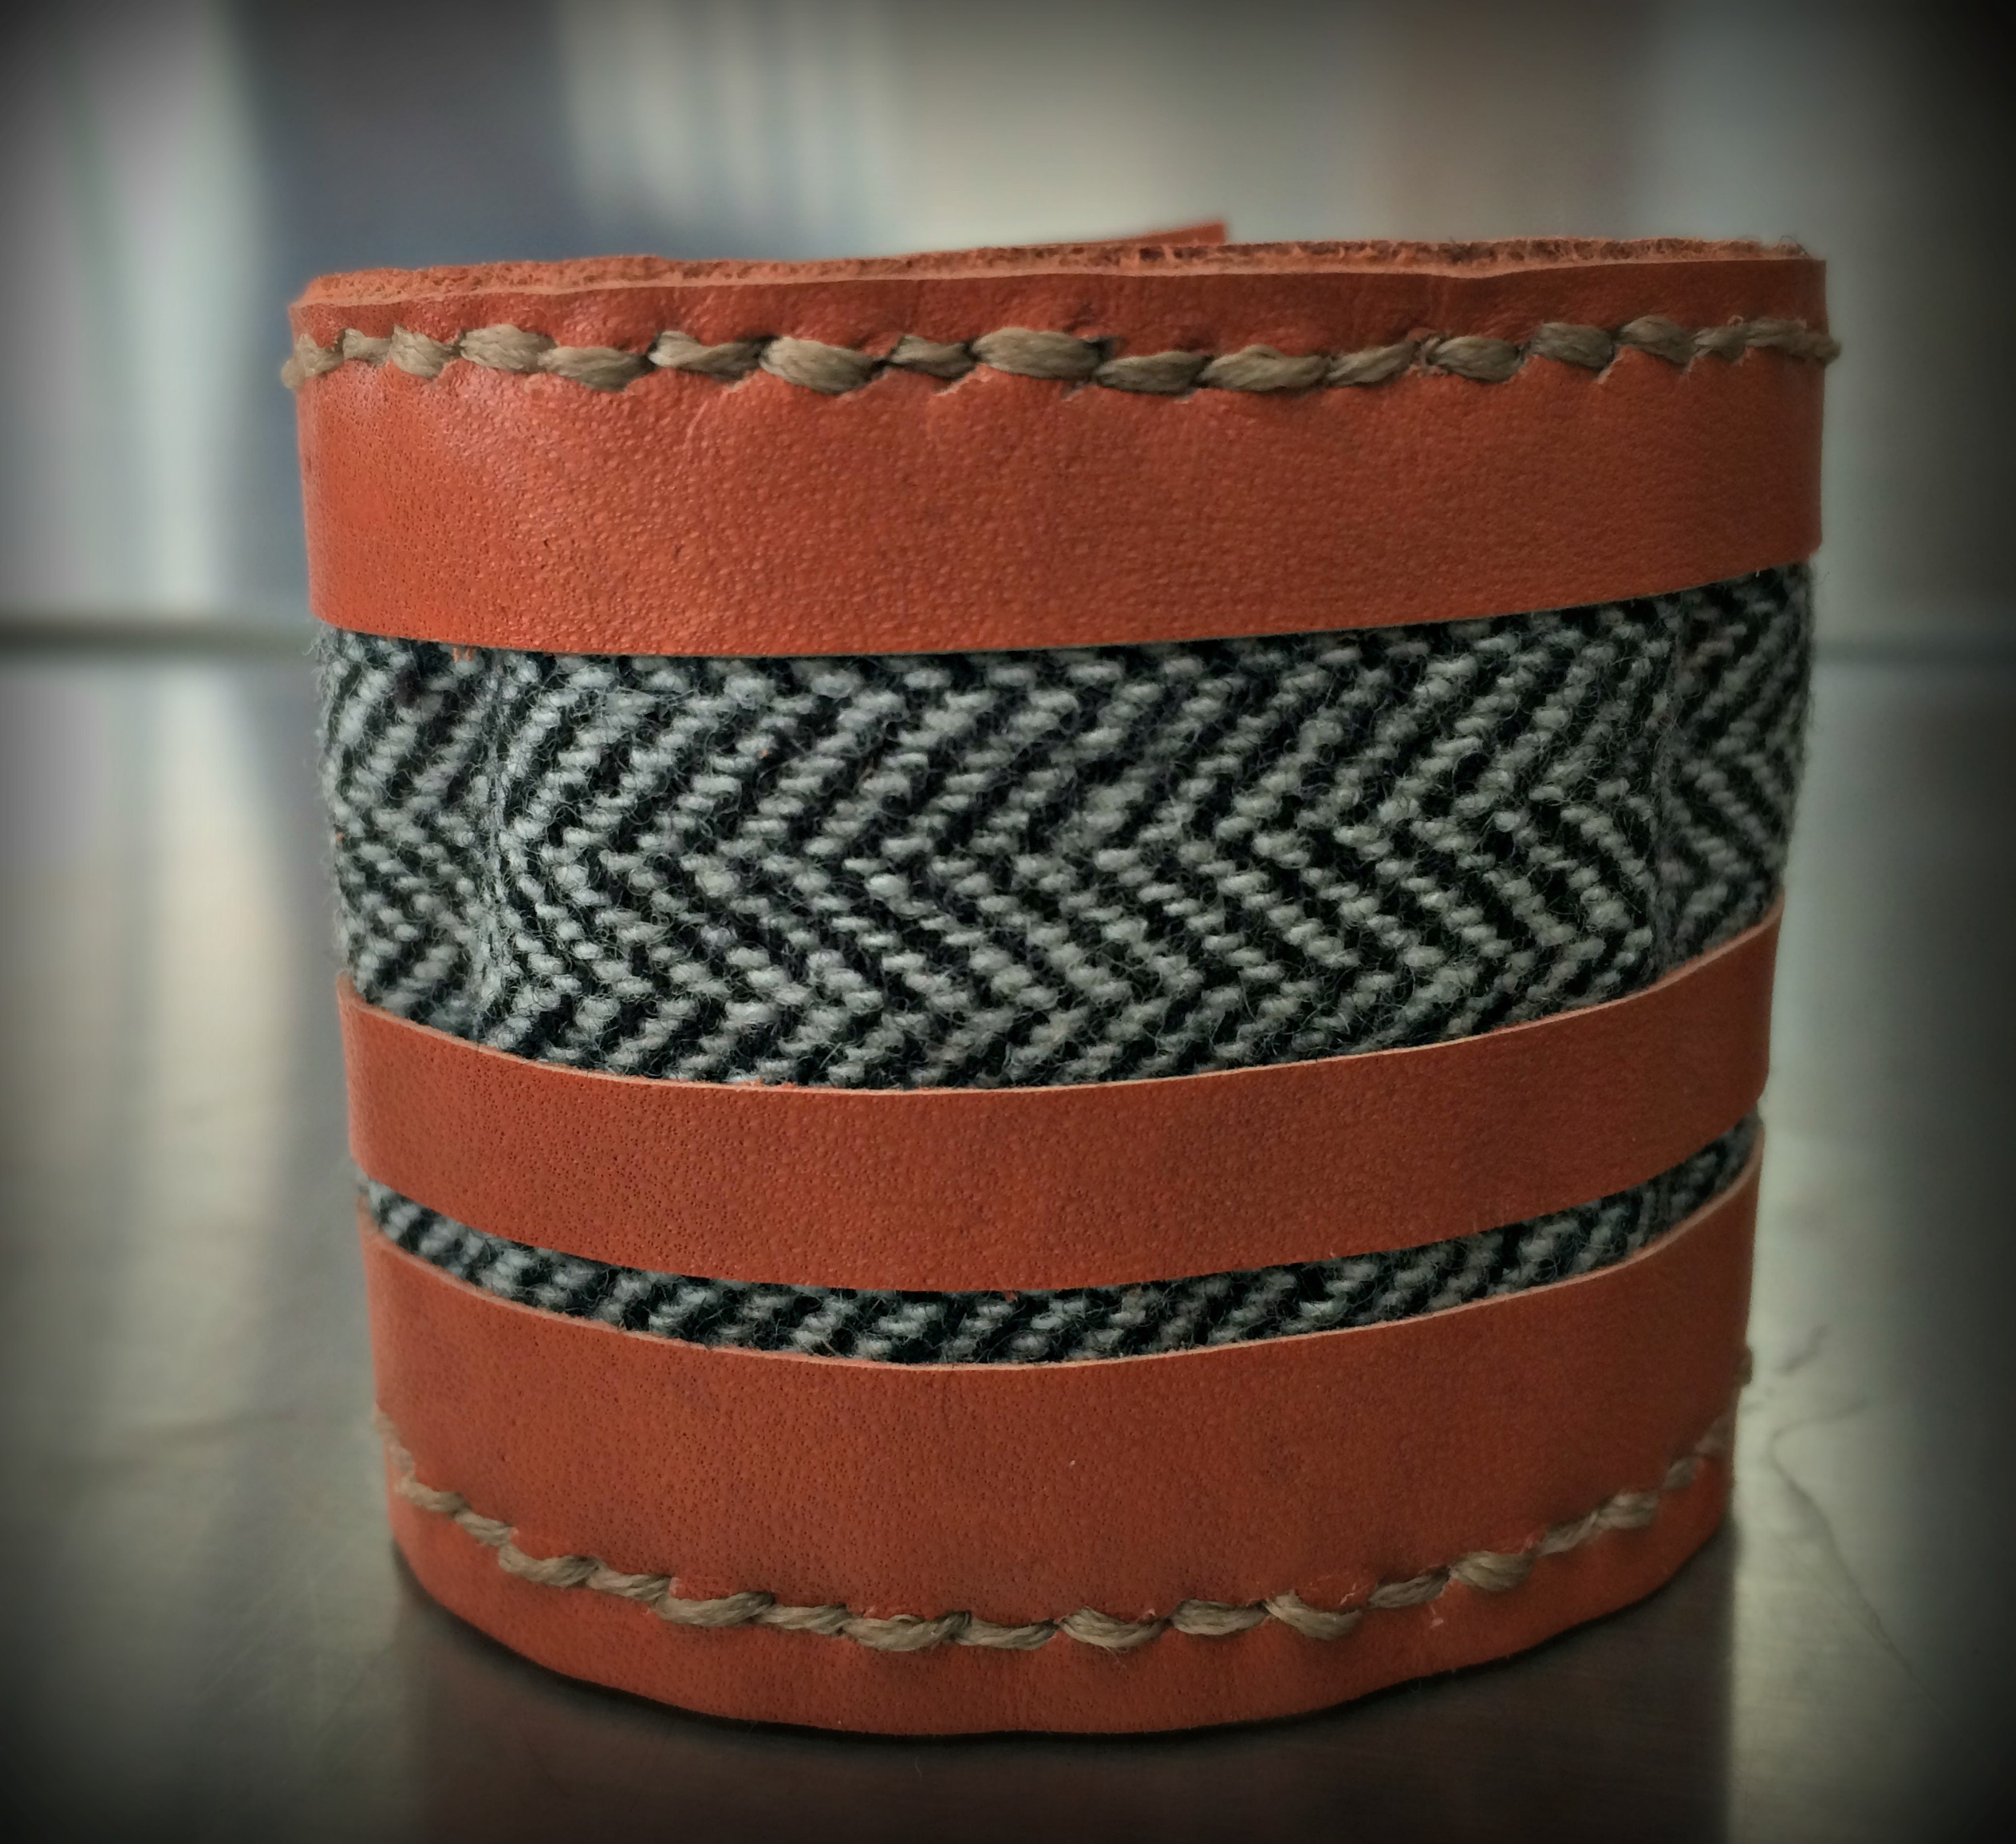 Herringbone stripes